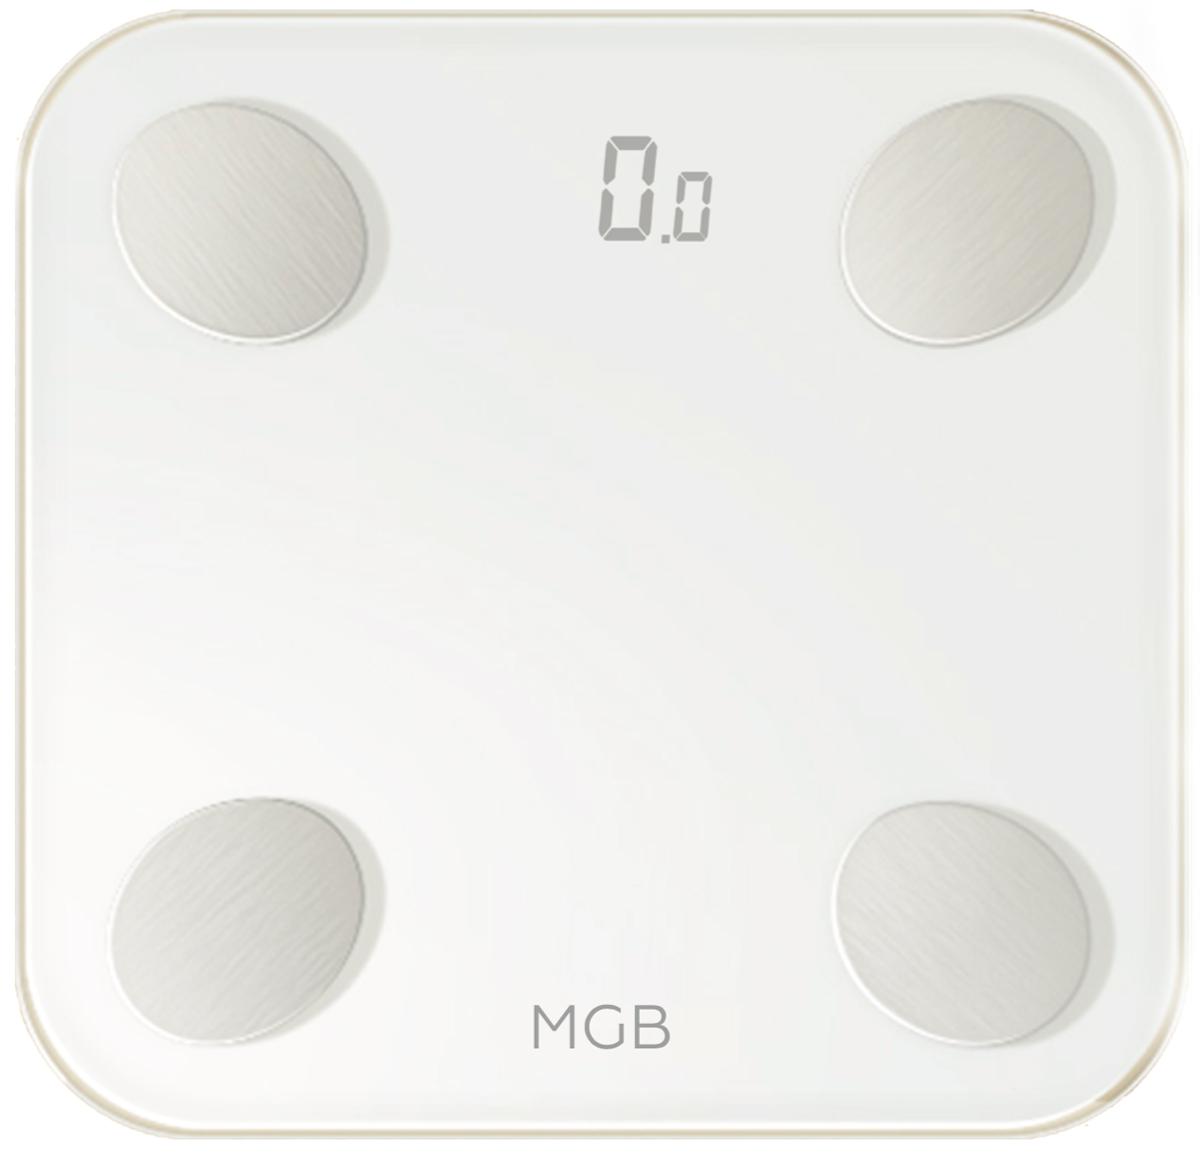 Умные весы MGB  Body Fat Scale Glass Edition , цвет: белый - Напольные весы